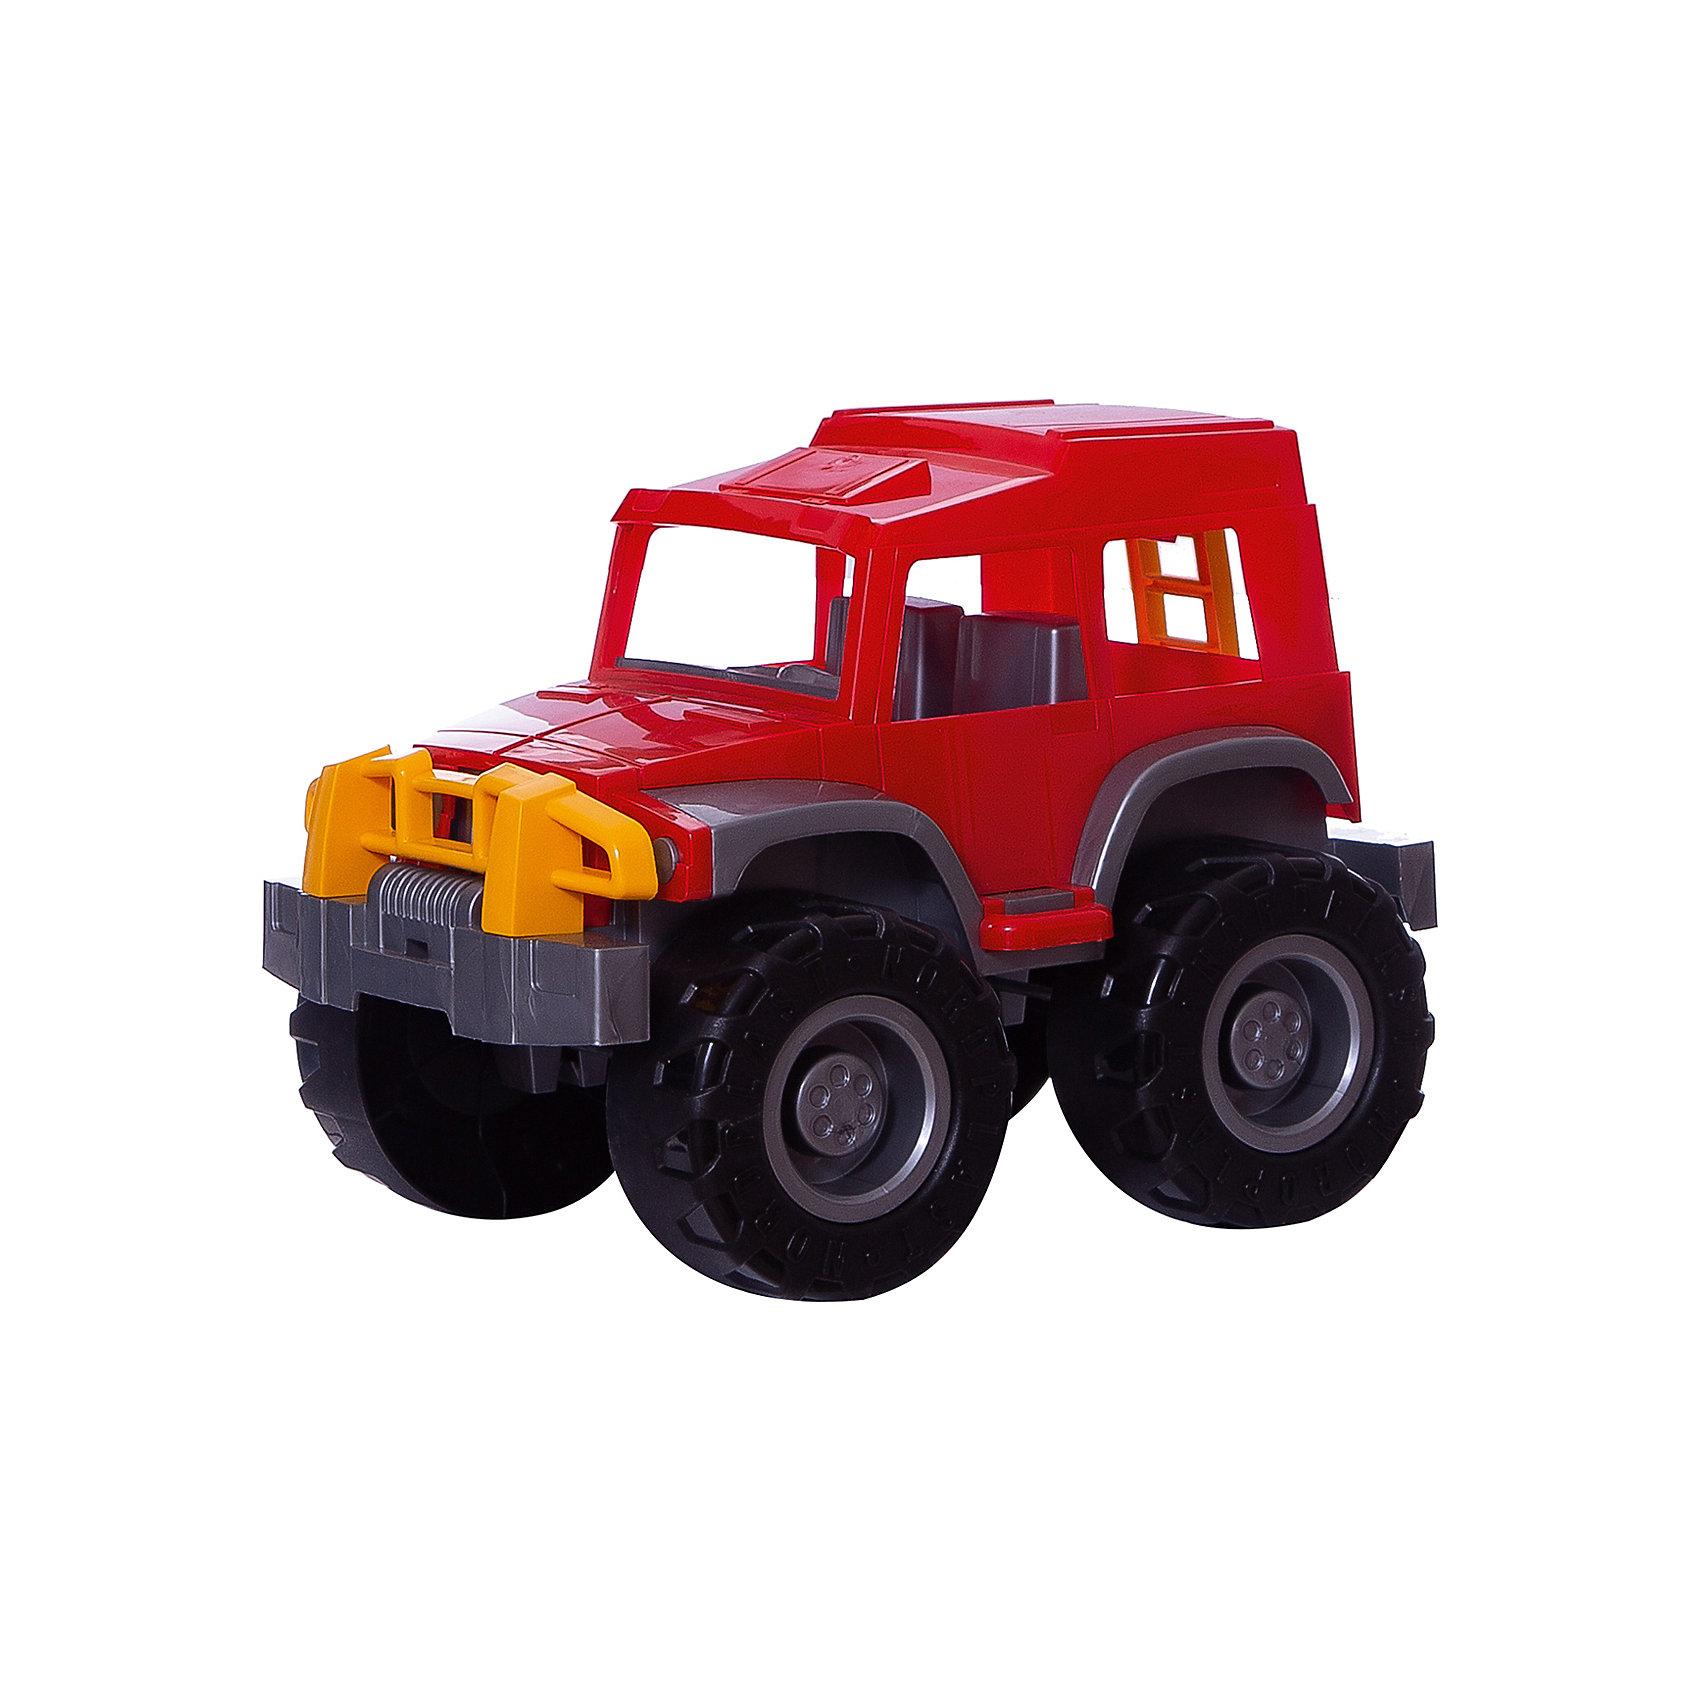 Джип Хаммер, НордпластМашинки<br>Джип Хаммер, Нордпласт – это яркая пластмассовая машина, которой интересно будет играть вашему мальчику.<br>Большой, яркий джип Хаммер от компании Нордпласт - прочный и очень надежный. Этот джип покорит ребенка с первой минуты! У джипа закрытая кабина, в которую можно посадить маленькие фигурки водителя и пассажира. С этой машиной можно придумать множество интересных игр. Малыш может играть с джипом, как дома, так и в песочнице, где можно устроить гоночный трек или барханы для ралли. Большие рельефные колеса преодолеют самые крутые спуски и подъемы. Игрушка изготовлена из высококачественной пищевой пластмассы, без трещин и заусениц, поэтому во время эксплуатации выдержит многие детские шалости. Она покрыта нетоксичной краской, не облупливающейся и не выгорающей на солнце. Товар соответствует требованиям стандарта для детских игрушек и имеет сертификат качества.<br><br>Дополнительная информация:<br><br>- Материал: высококачественная пластмасса<br>- Размер: 23,5х22,5х32,5 см.<br>- Вес: 770 гр.<br><br>Джип Хаммер, Нордпласт можно купить в нашем интернет-магазине.<br><br>Ширина мм: 325<br>Глубина мм: 225<br>Высота мм: 235<br>Вес г: 770<br>Возраст от месяцев: 36<br>Возраст до месяцев: 72<br>Пол: Мужской<br>Возраст: Детский<br>SKU: 4112745